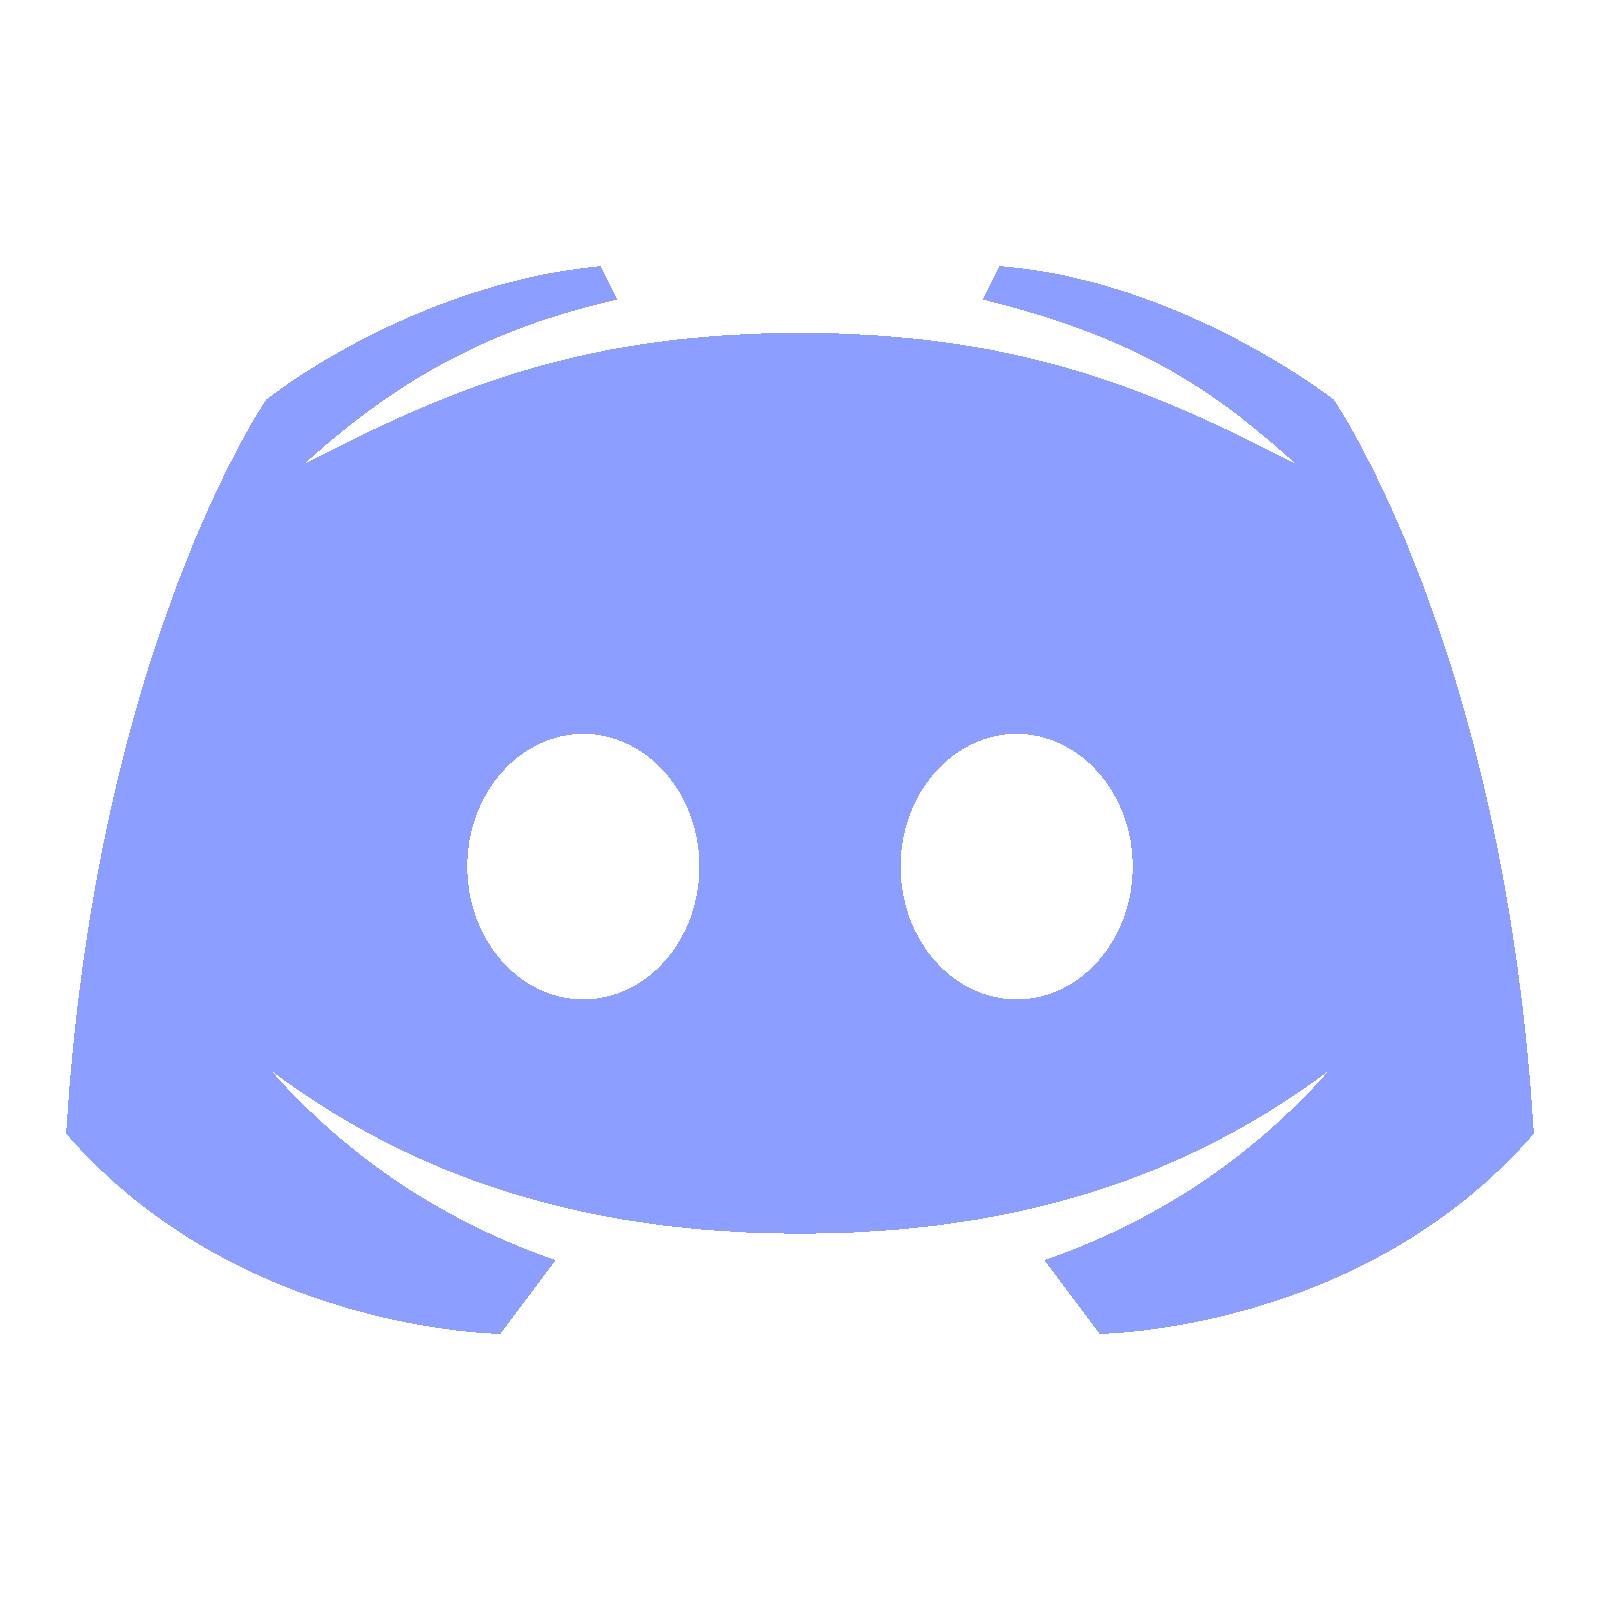 """Résultat de recherche d'images pour """"logo discord"""""""